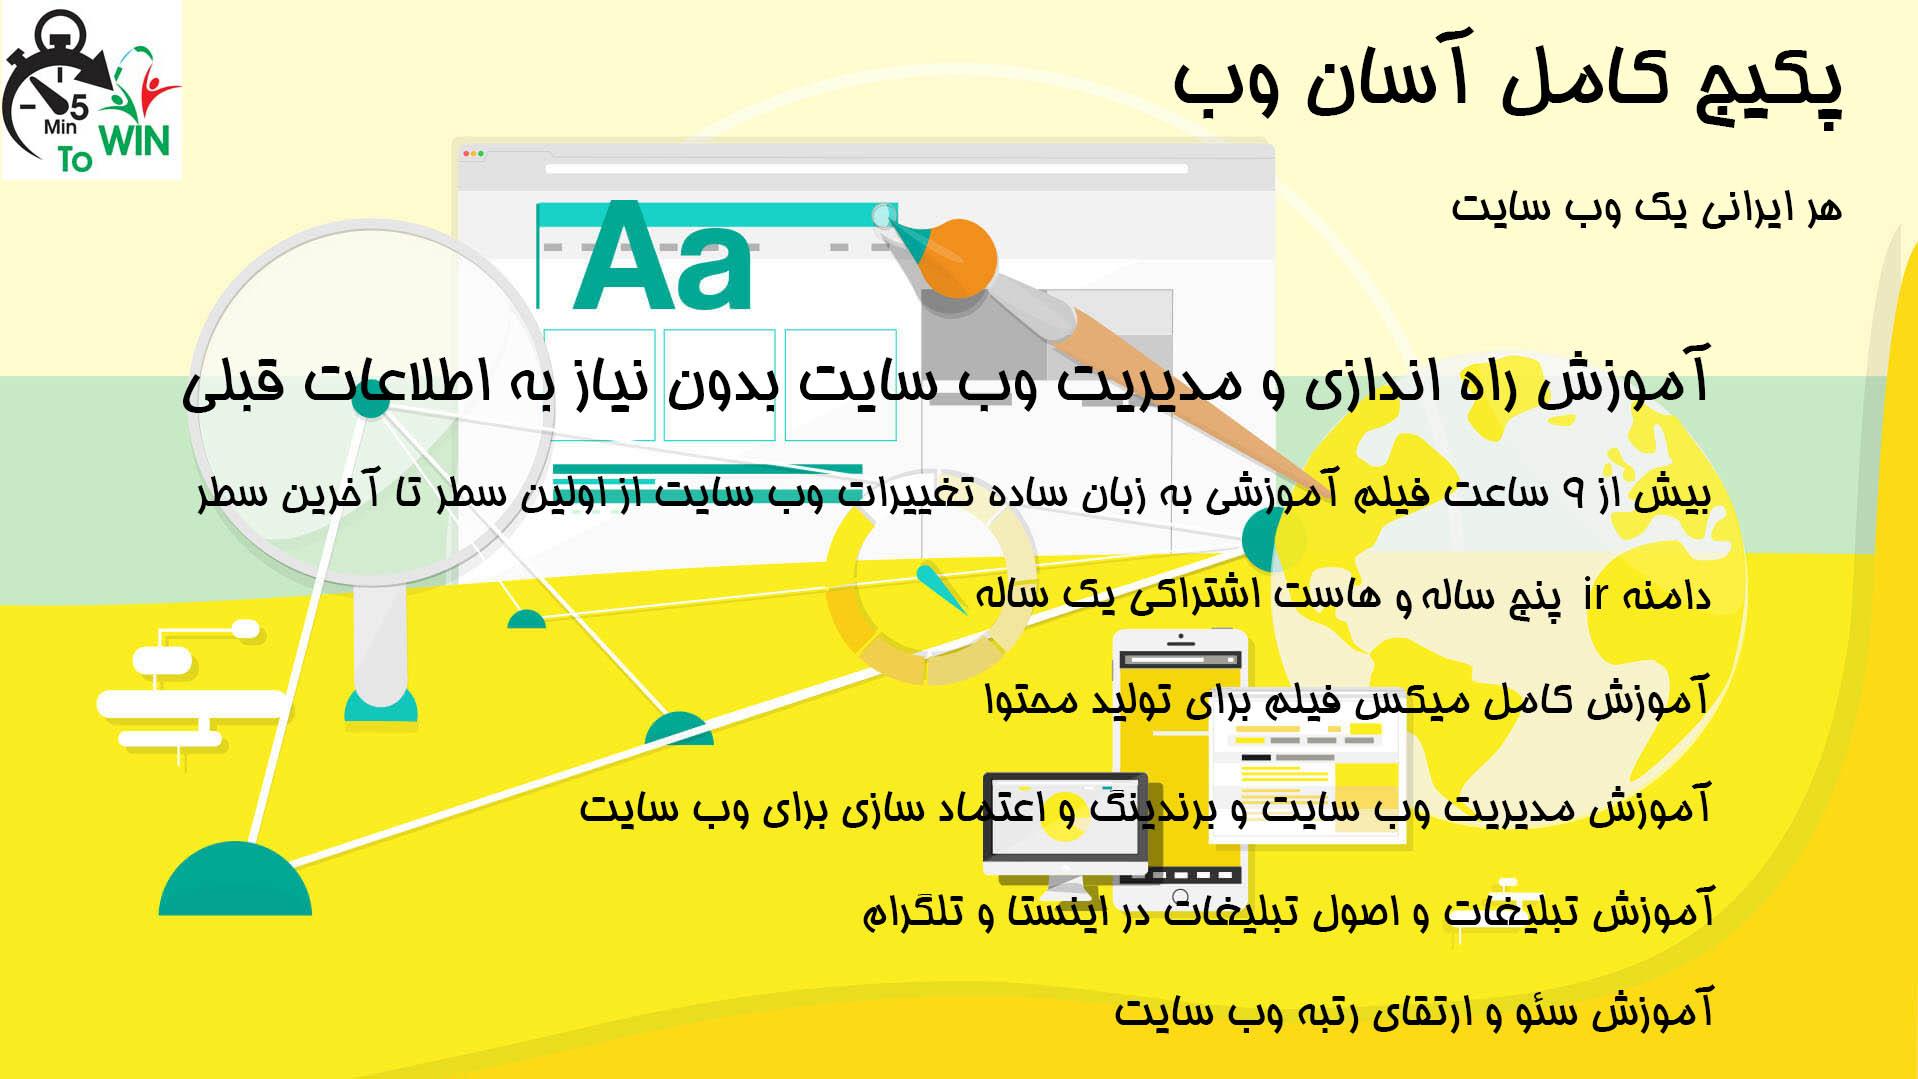 پکیج راه اندازی وب سایت آسان وب